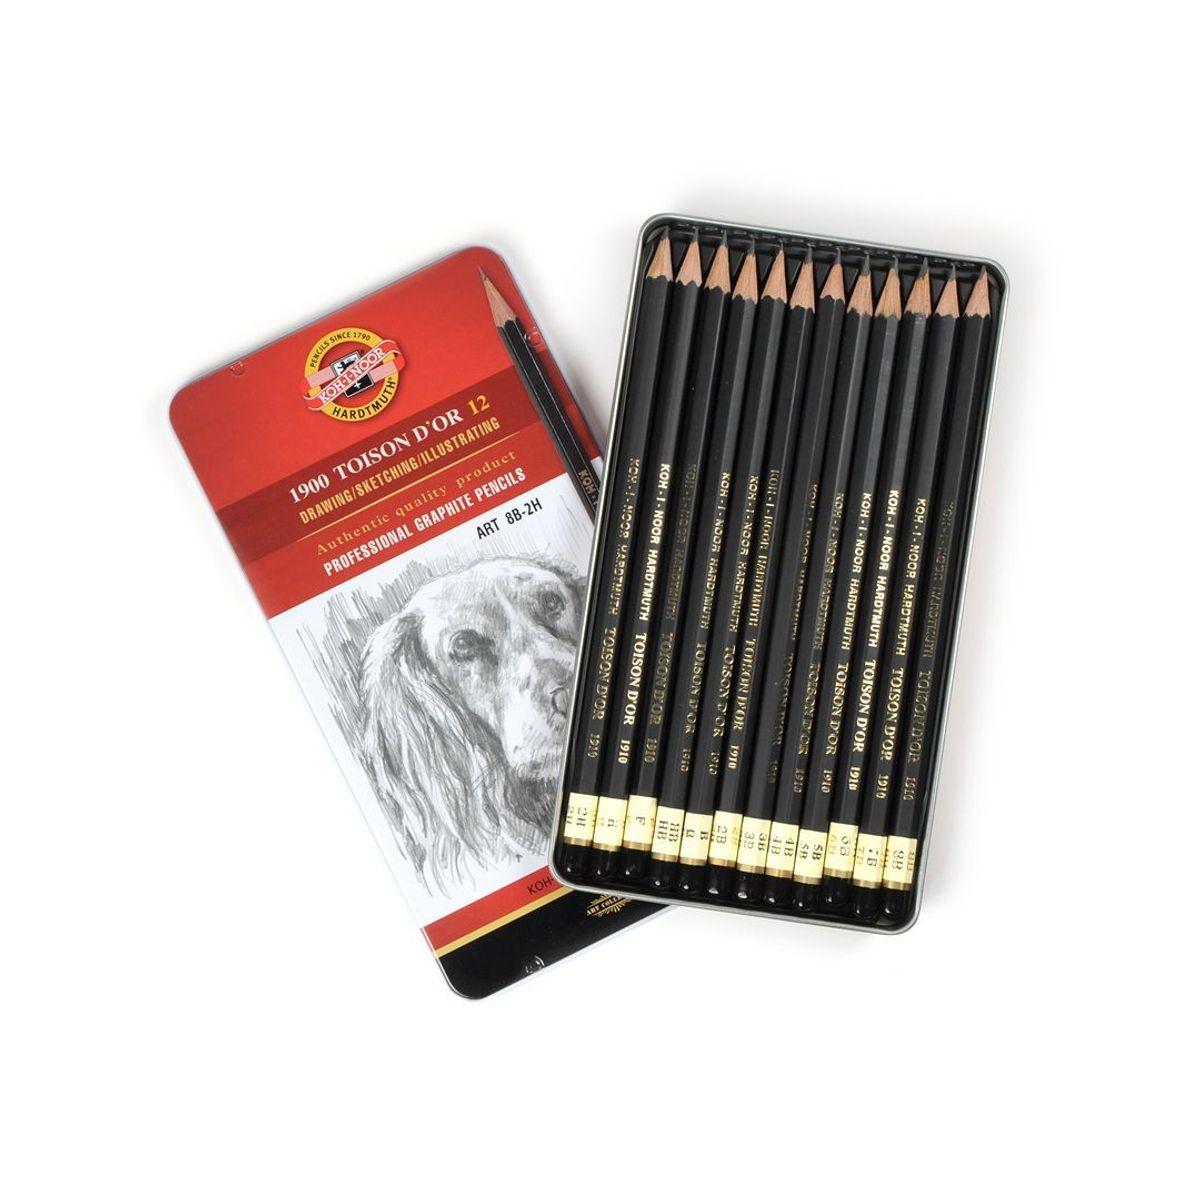 1900 Koh-i-Noor Toison D'or 12, ART 8B-2H profesionaalsed joonistamiseks harilikud pliiatsid, 12 tk